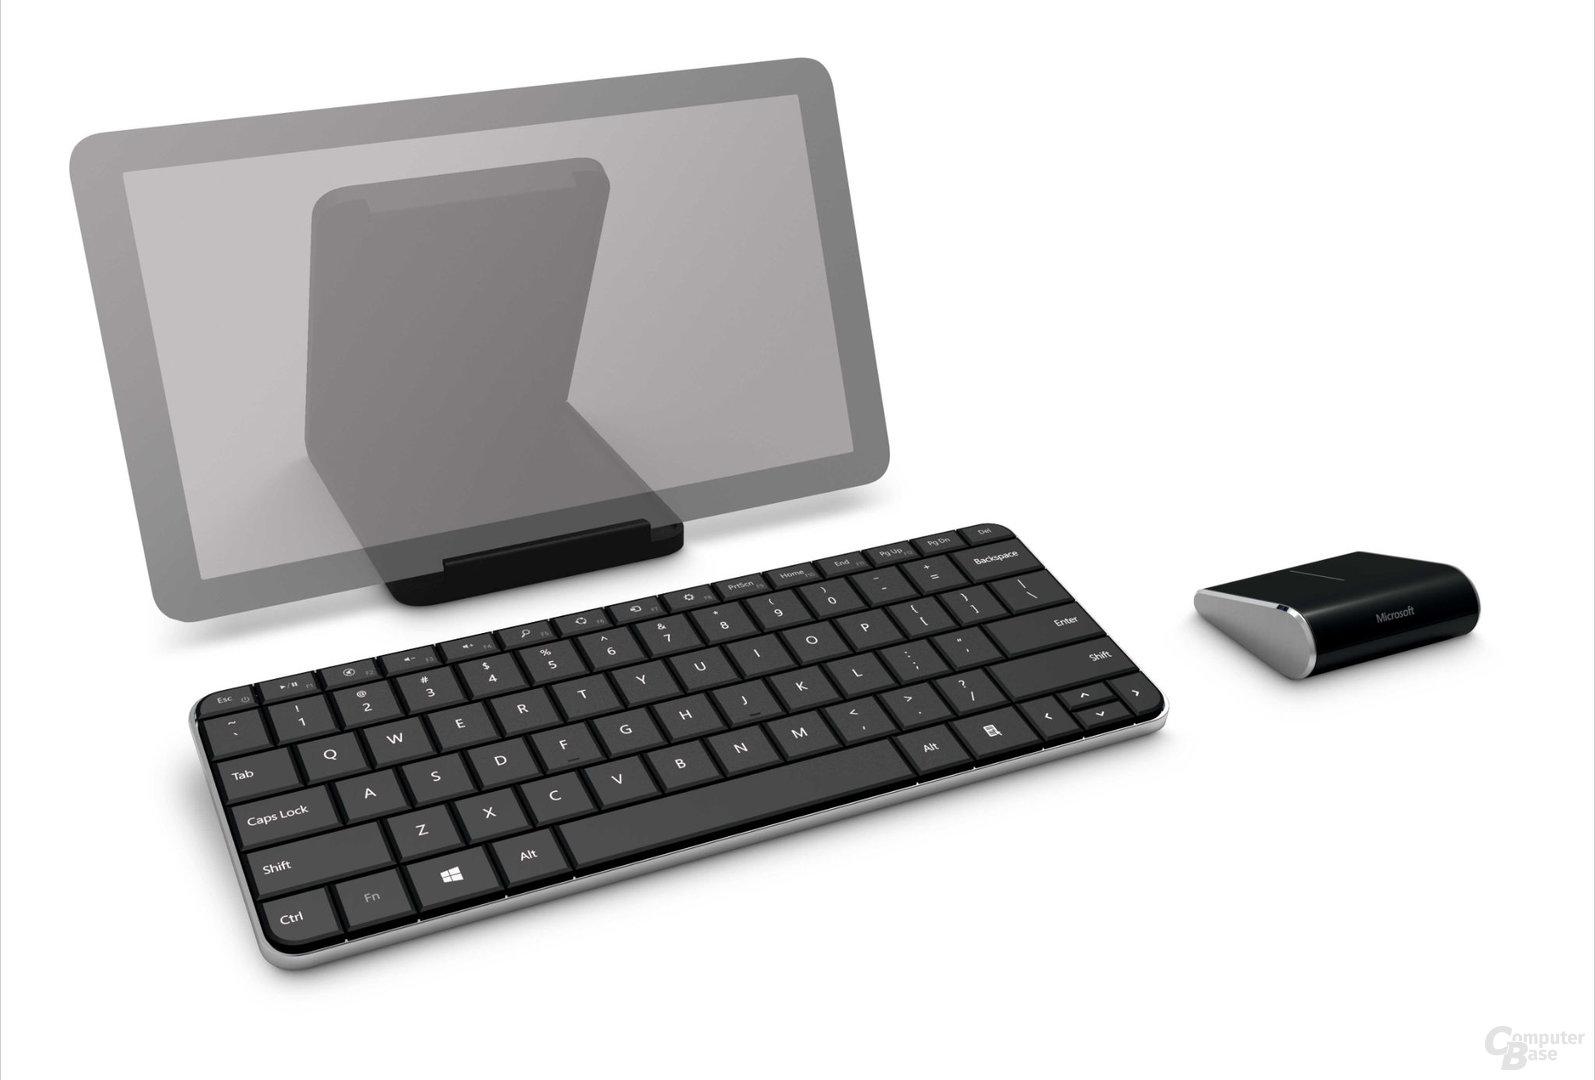 Microsoft-Wedge-Mobile-Keyboard-Abdeckung als Tablet-Ständer